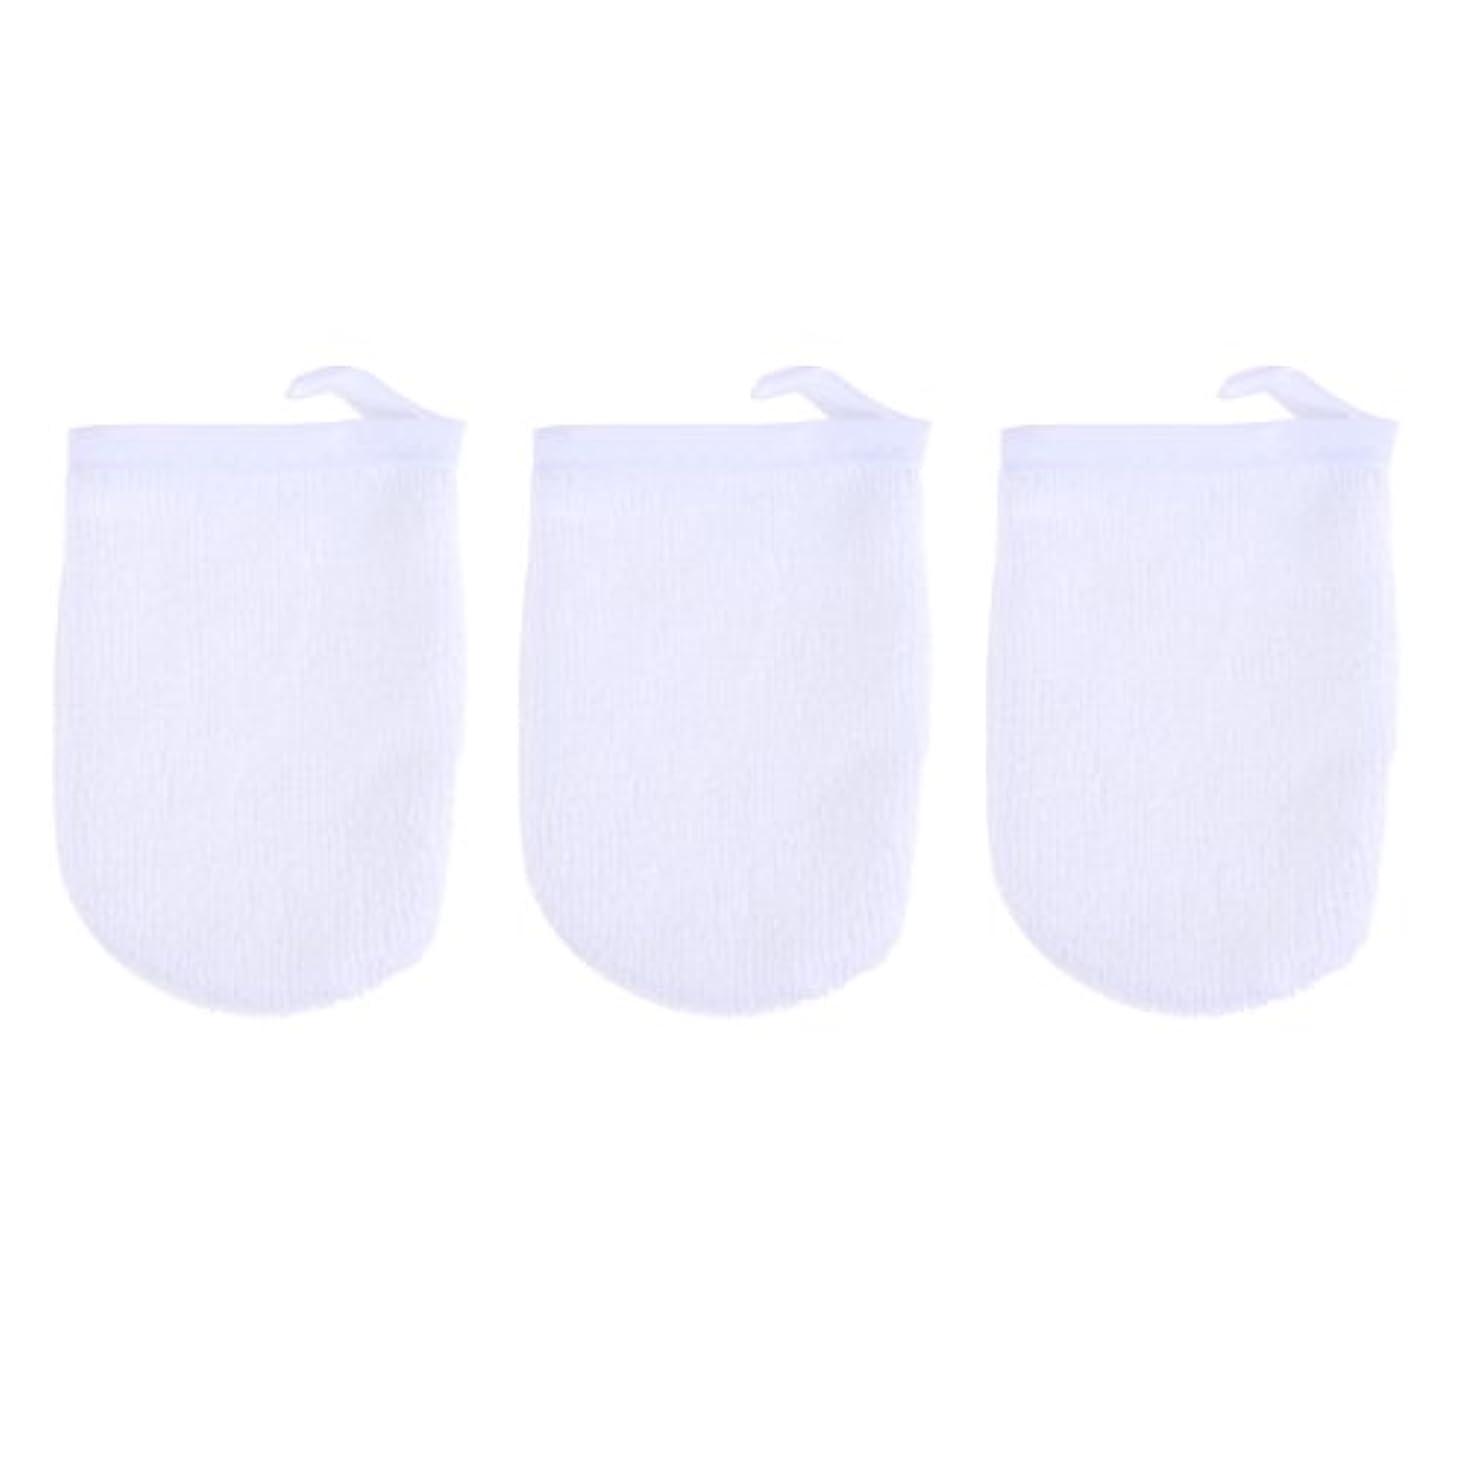 登場太陽変更BESTONZON 3ピースマイクロファイバー洗顔手袋フェイスクレンジングタオルクロススパミットソフト洗濯道具